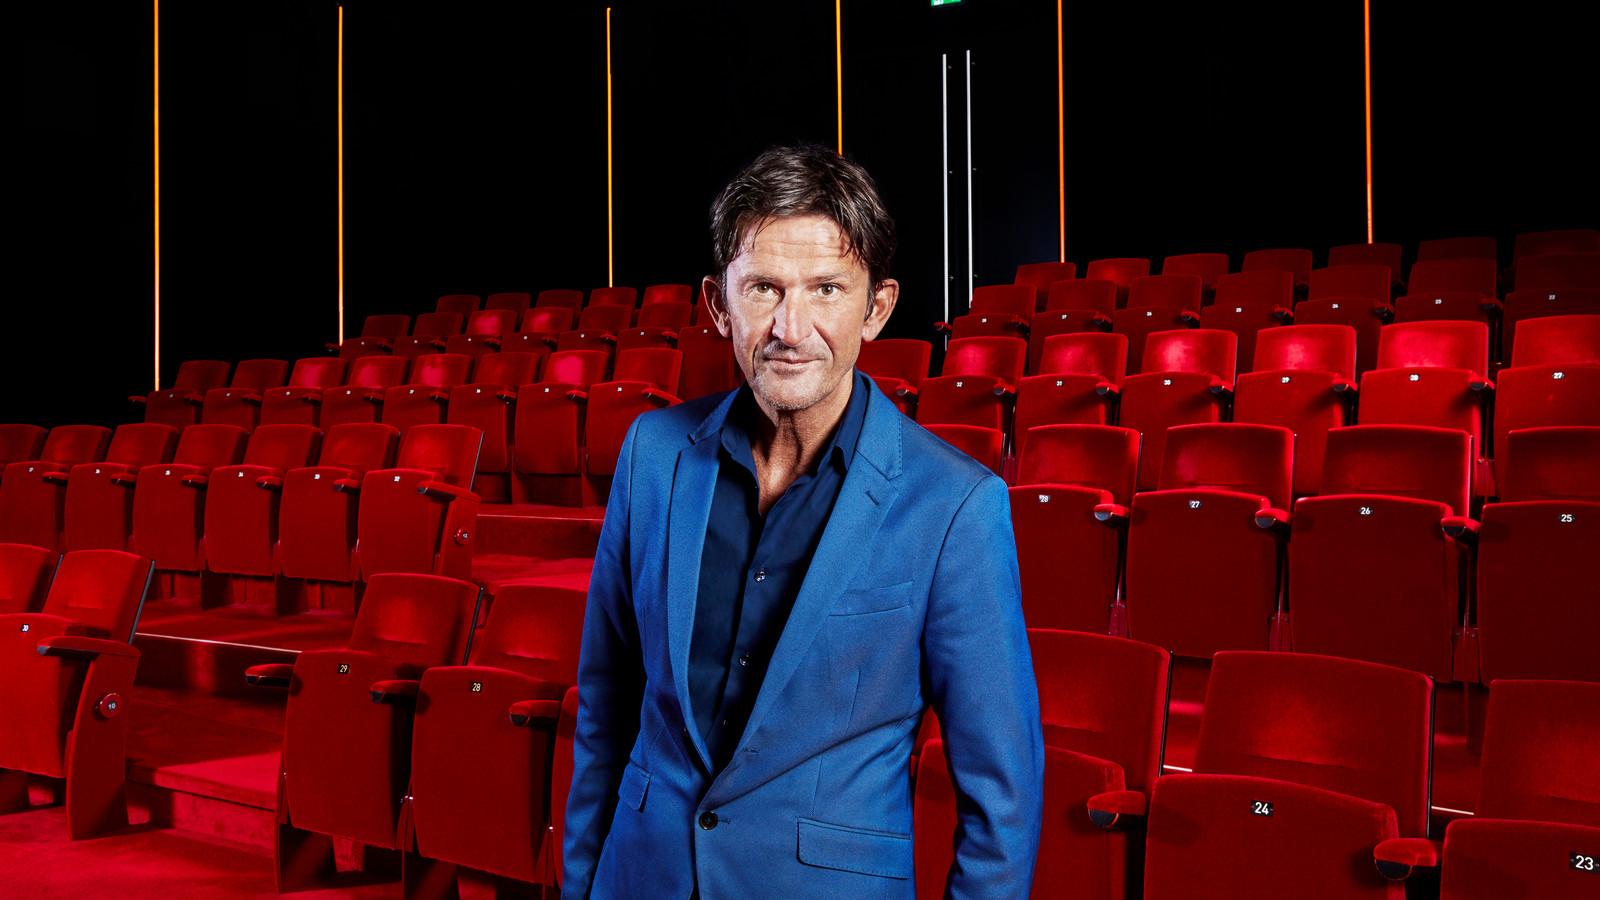 Op NPO Cultuur worden onder meer dagelijks afleveringen Volle Zalen uitgezonden.